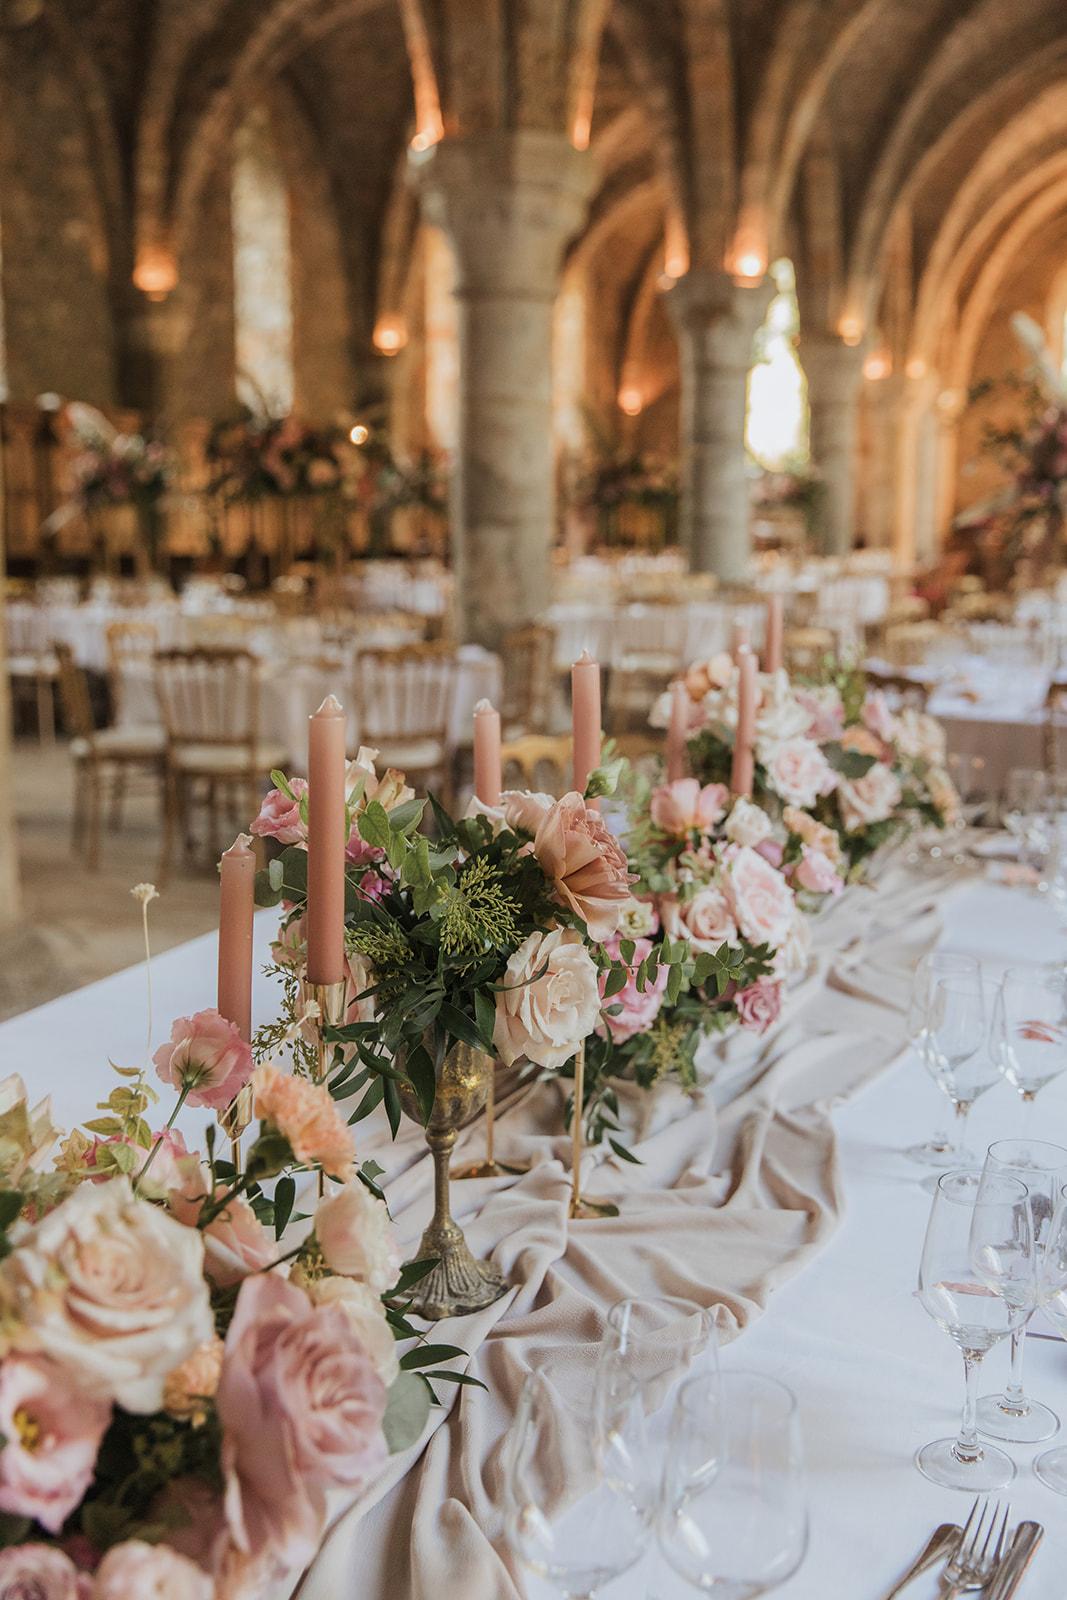 Mariage, décoratrice mariage, décoratrice paris, fleuriste mariage, fleuriste paris, abbaye des vaux de cernay, mariage élégant, table d'honneur, wedding designer, mariage raffiné